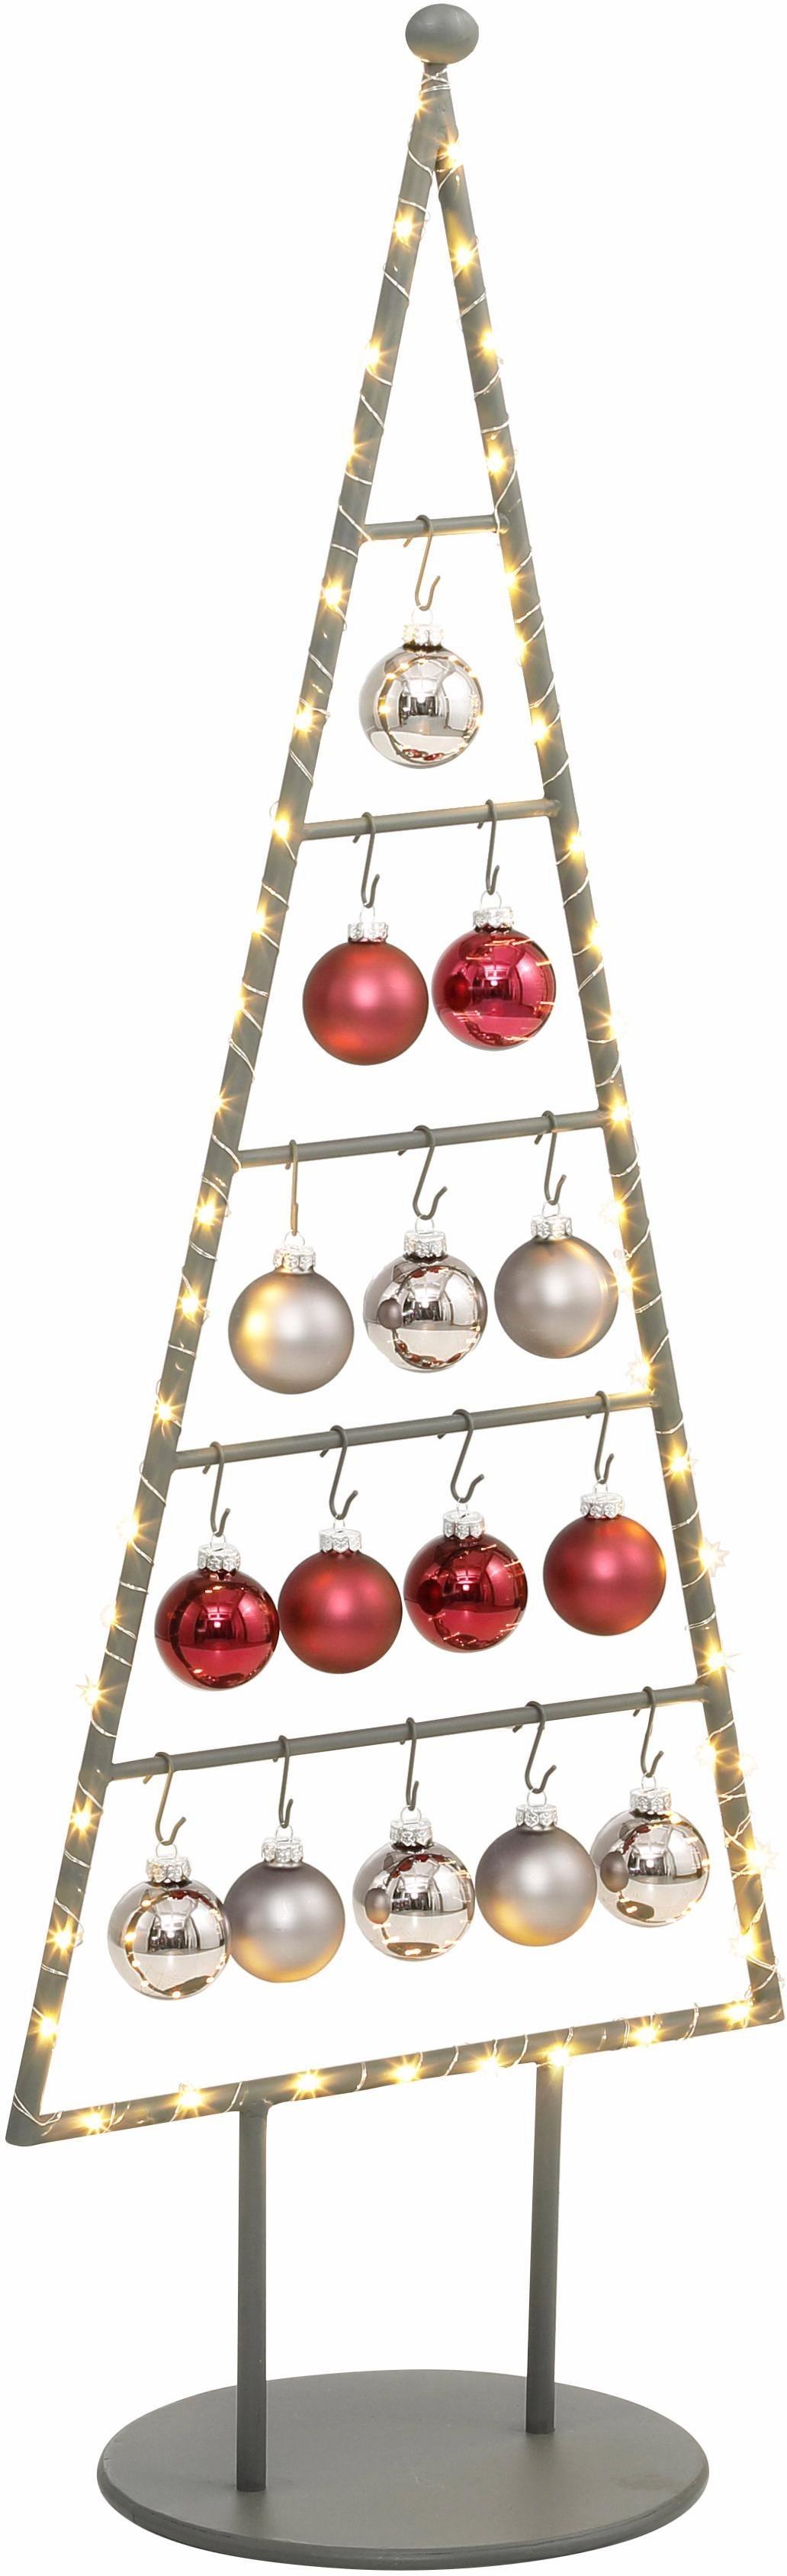 led weihnachtsbaum lichterkette preisvergleich die. Black Bedroom Furniture Sets. Home Design Ideas